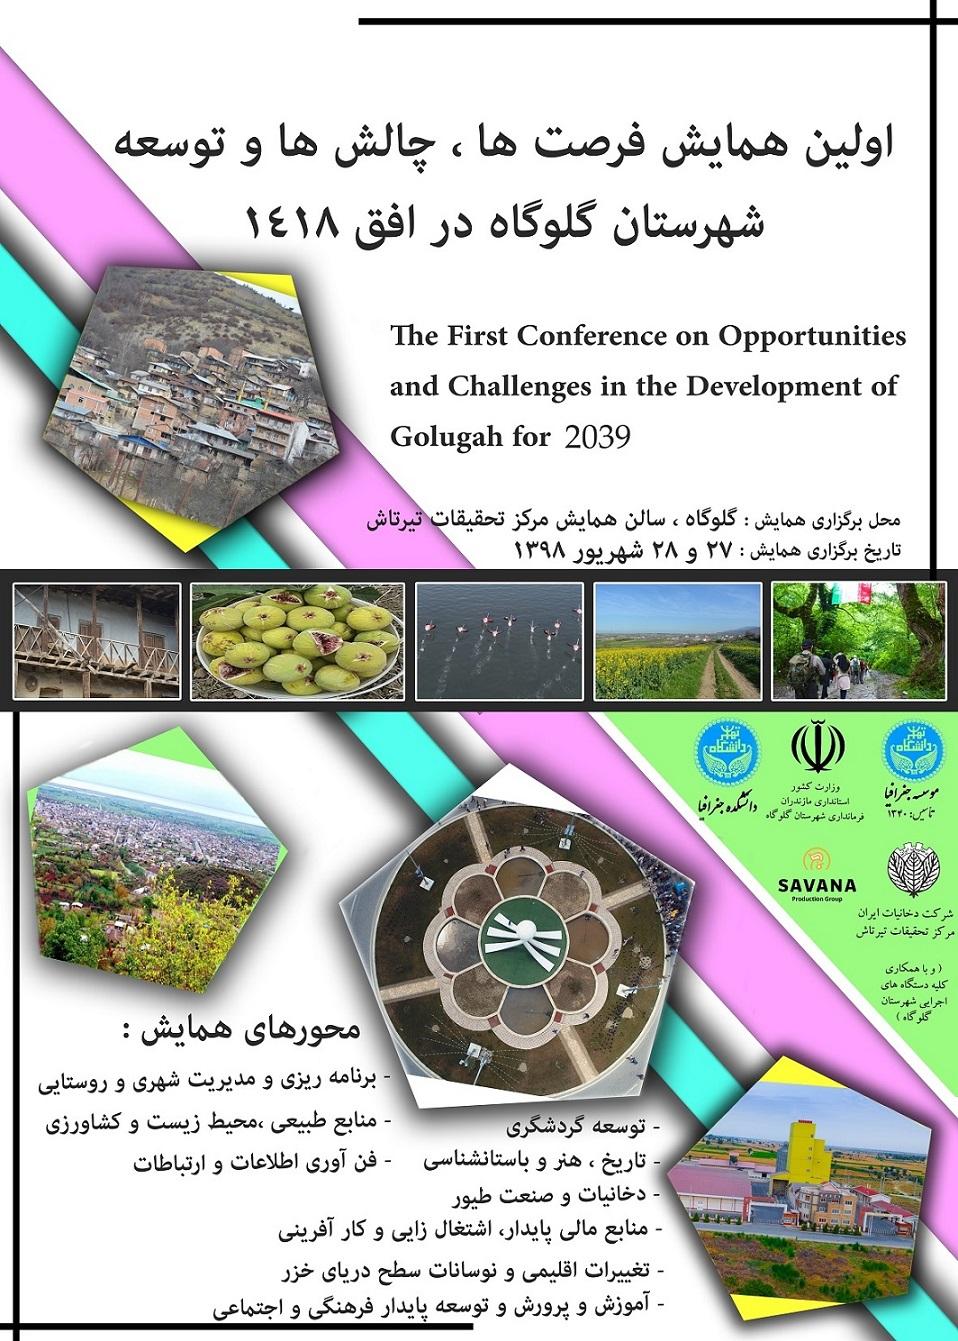 اولین همایش فرصتها، چالشها و توسعه شهرستان گلوگاه در افق 1418